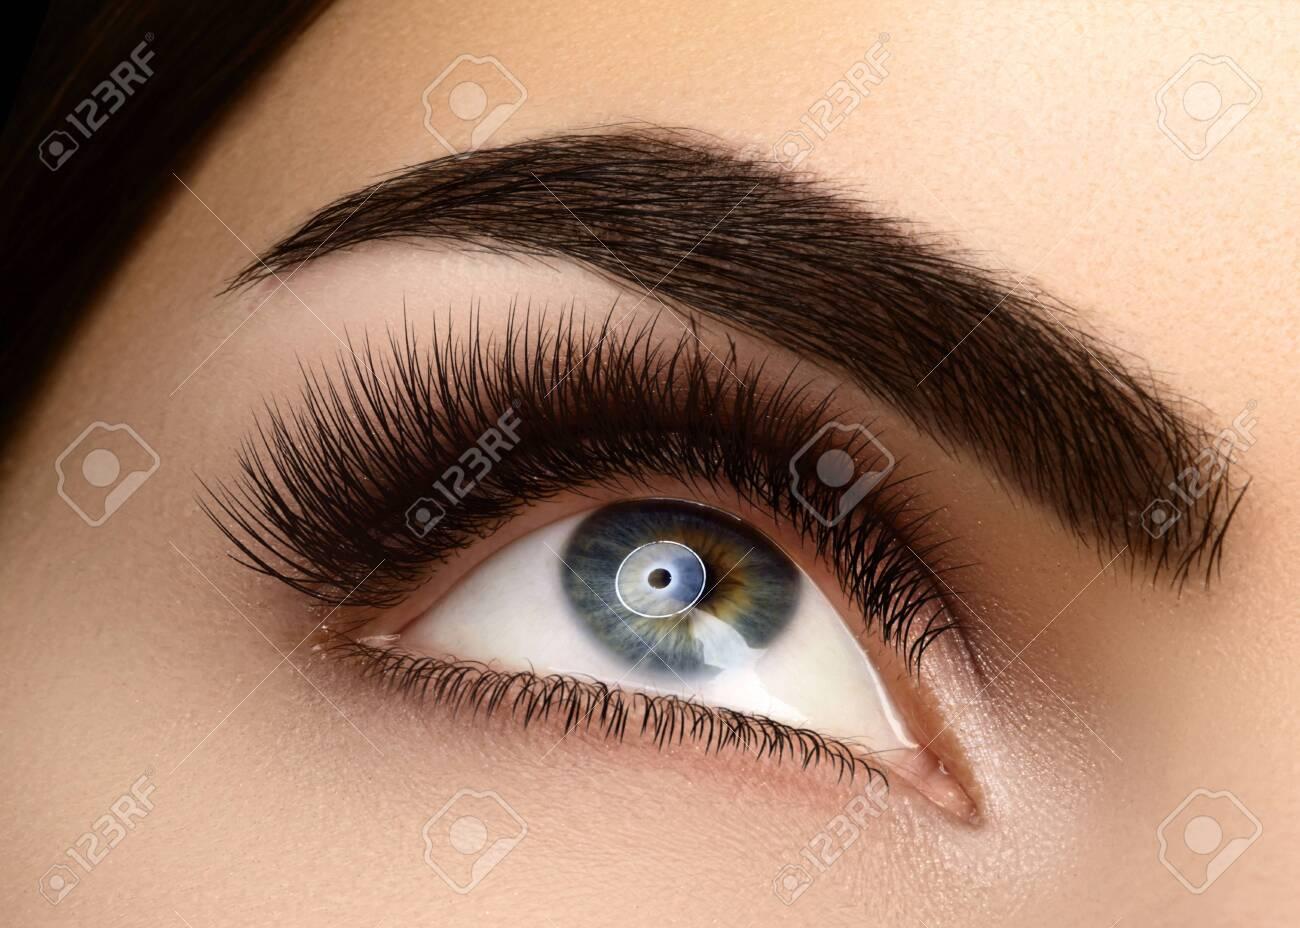 Beautiful Macro Female Eye with Extreme Long Eyelashes and Celebrate Makeup. Perfect Shape Make-up, Fashion Long Lashes. Cosmetics and make-up. Closeup macro shot of fashion eyes visage - 131922003